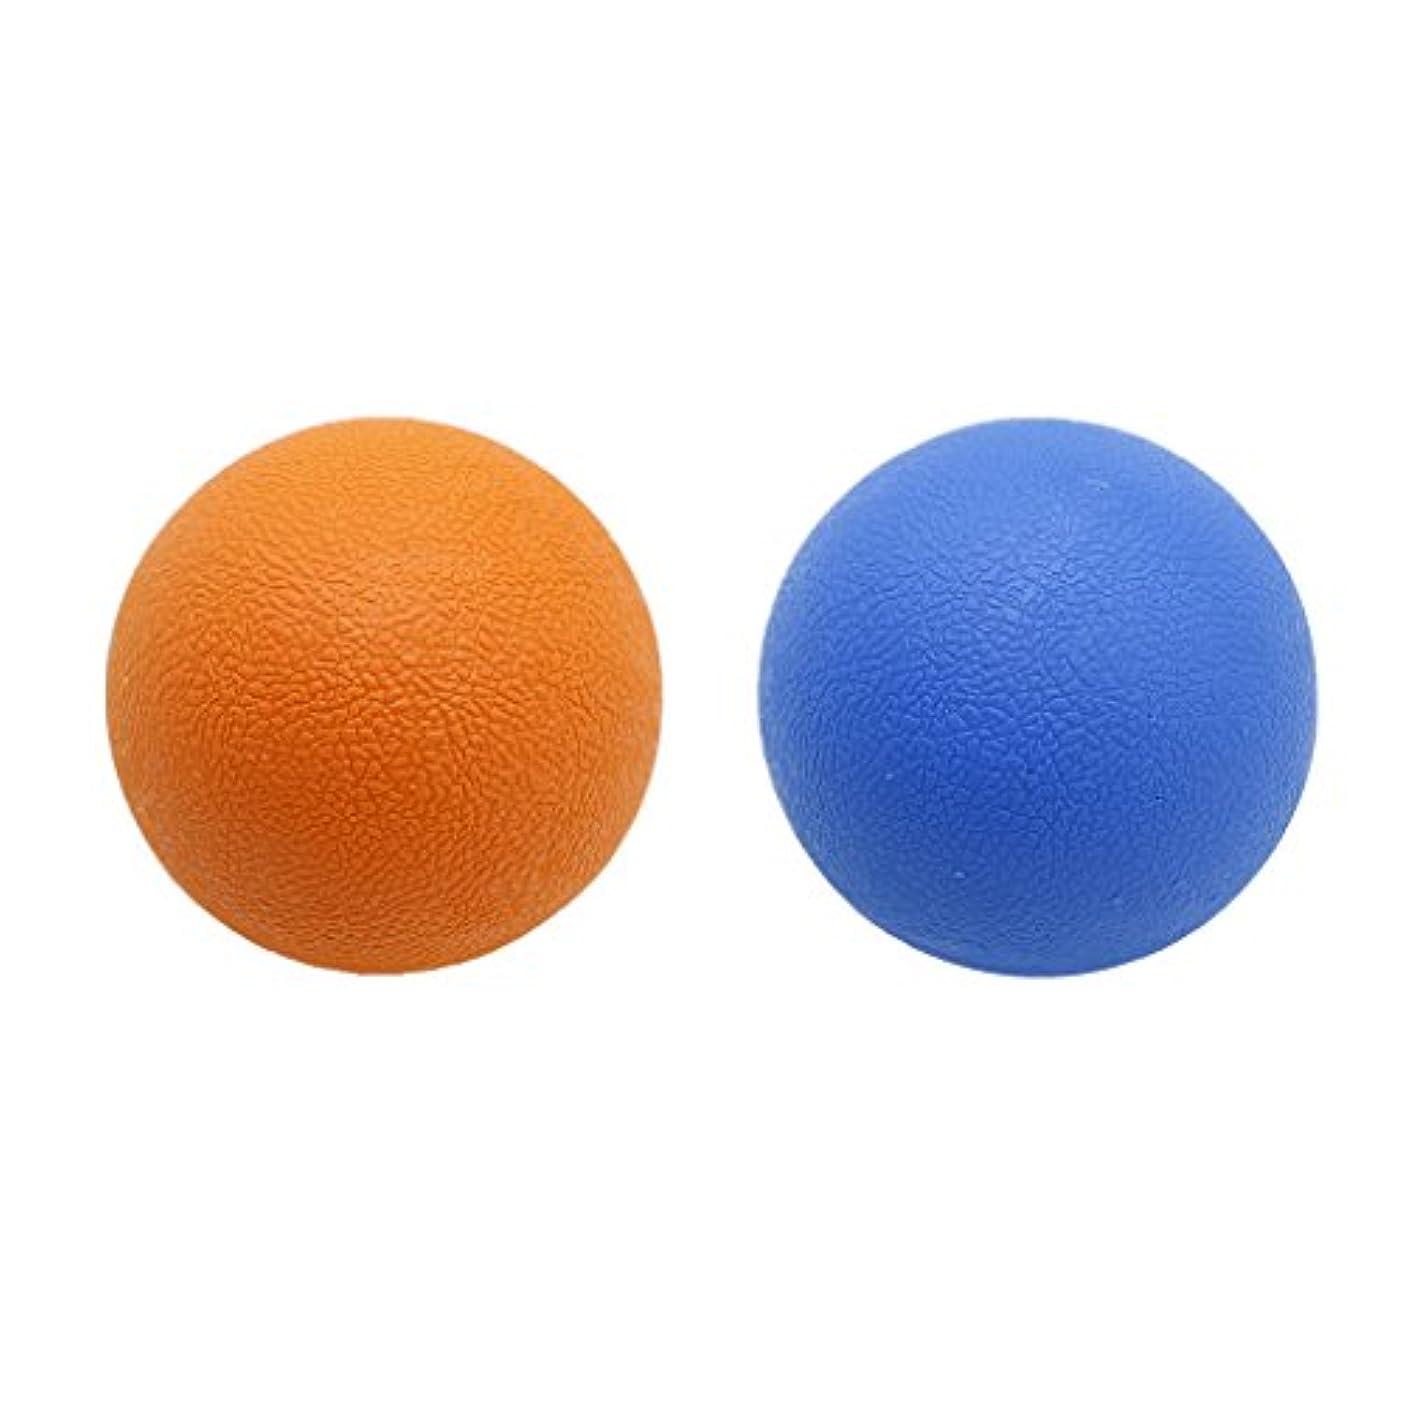 ルネッサンス忍耐退屈な2個 マッサージボール ストレッチボール トリガーポイント トレーニング マッサージ リラックス 便利 多色選べる - オレンジブルー